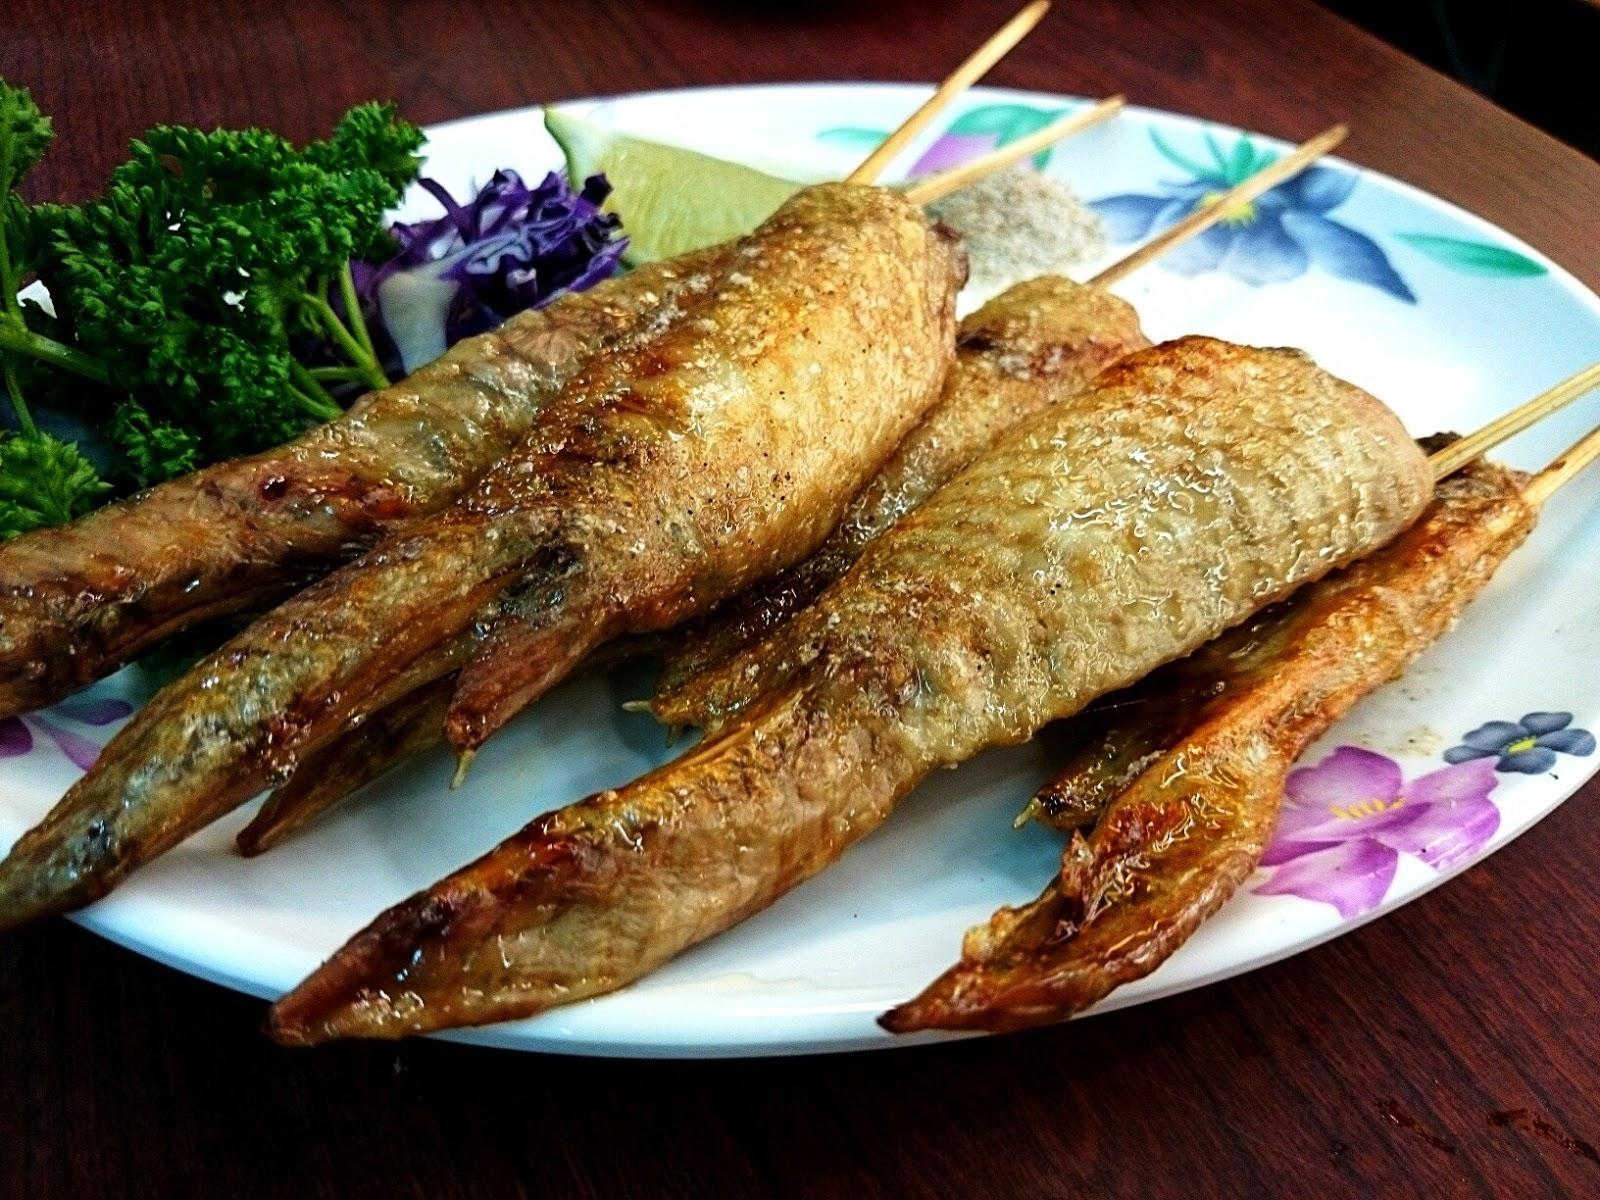 新永大海鮮碳烤 - Foody 吃貨